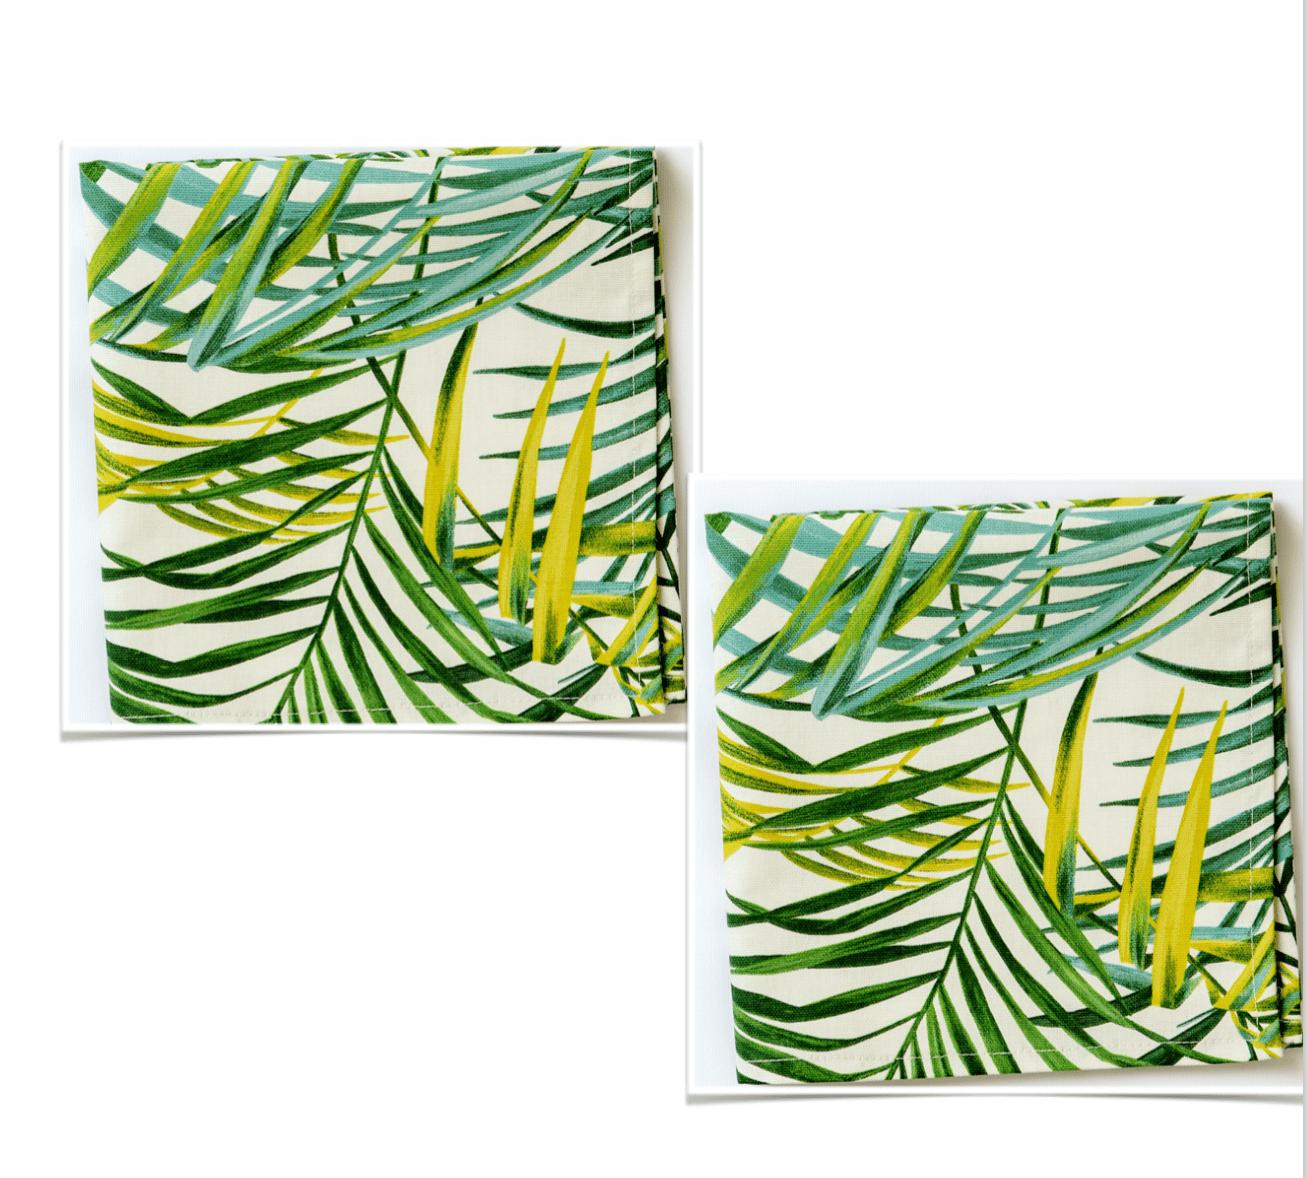 Image of 2 Palm Collection cotton napkins   -               Tovaglioli in cotone Collezione Palm (set da 2)